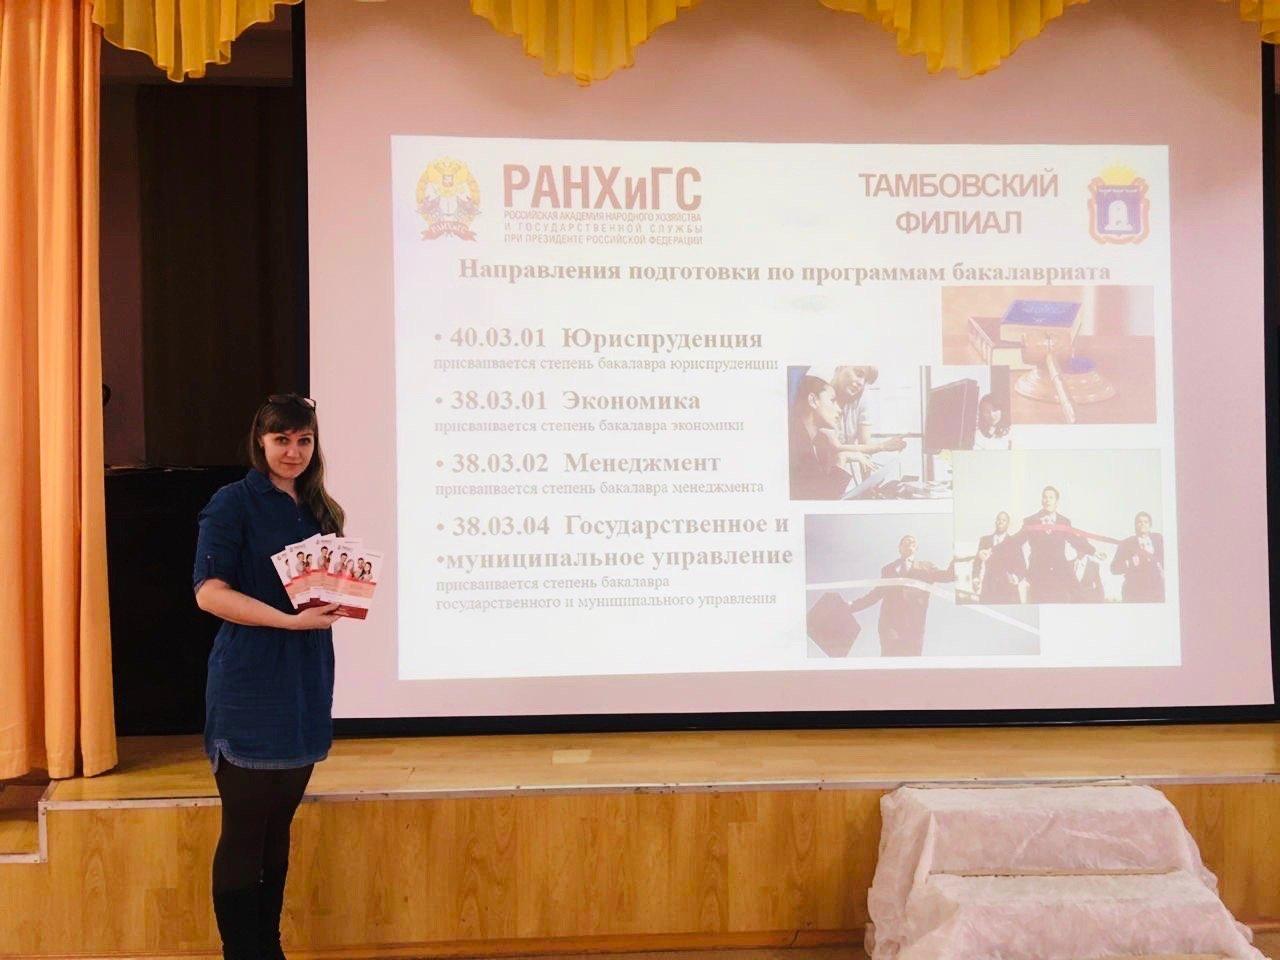 Тамбовский филиал РАНХиГС провел выездной день открытых дверей в Котовске, фото-1